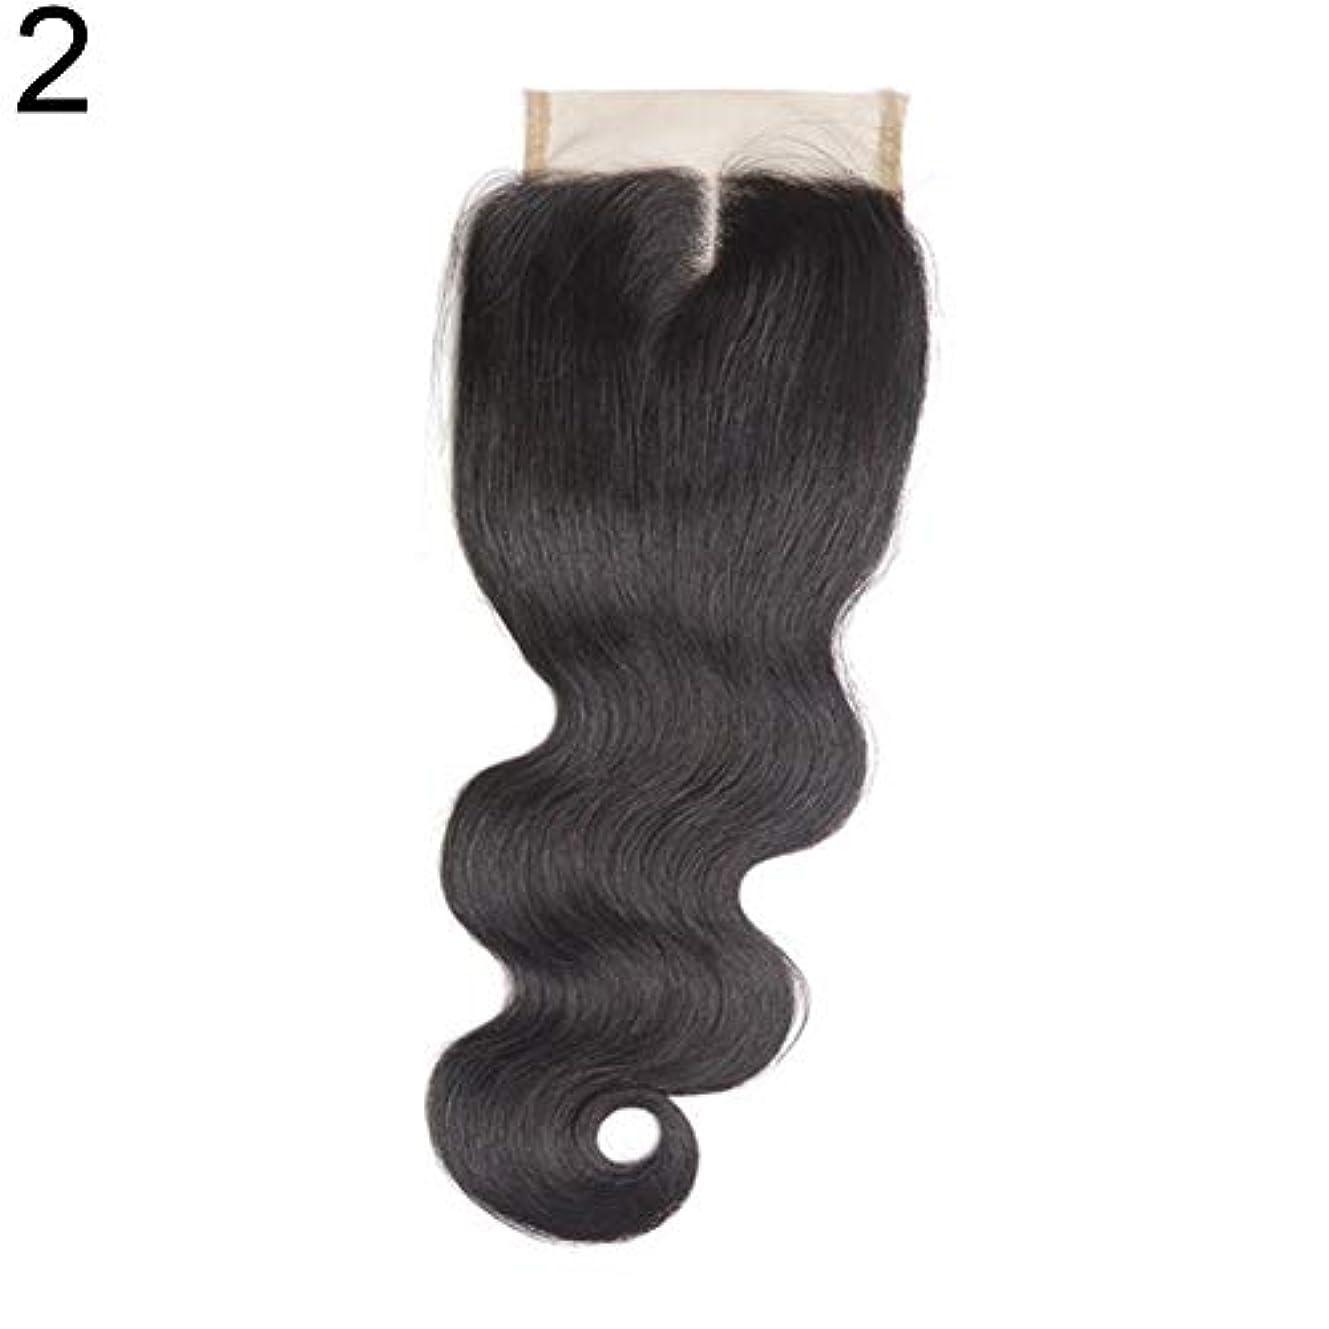 夢ポール放つslQinjiansav女性ウィッグ修理ツールブラジルのミドル/フリー/3部人間の髪のレース閉鎖ウィッグ黒ヘアピース